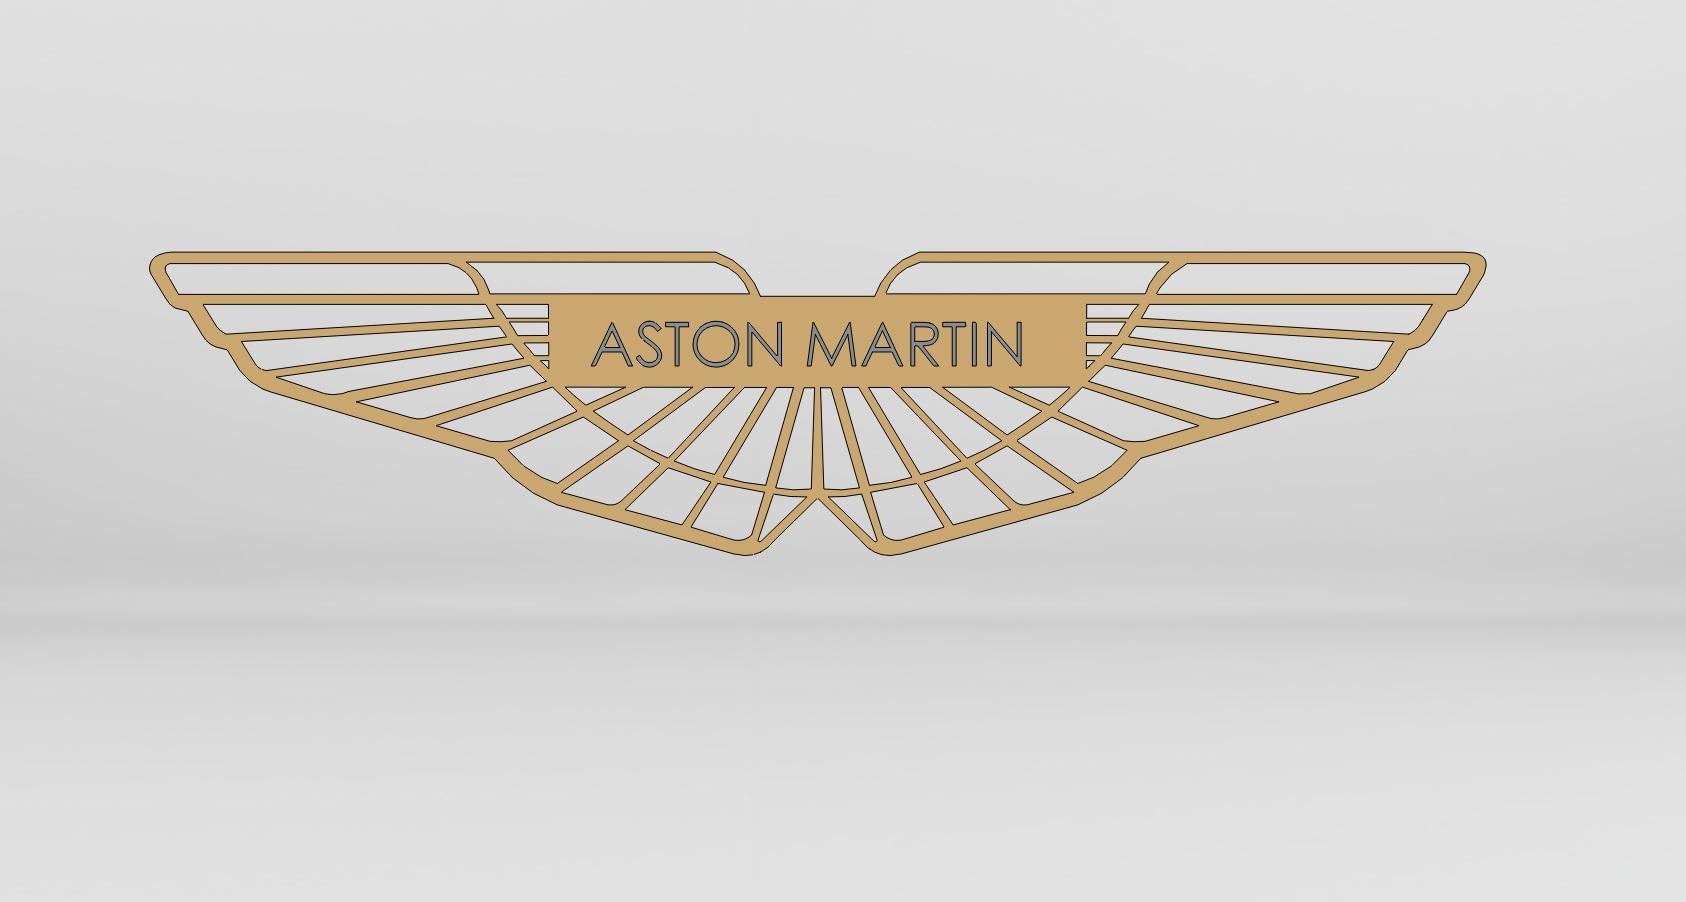 aston martin logo vector newhairstylesformen2014com